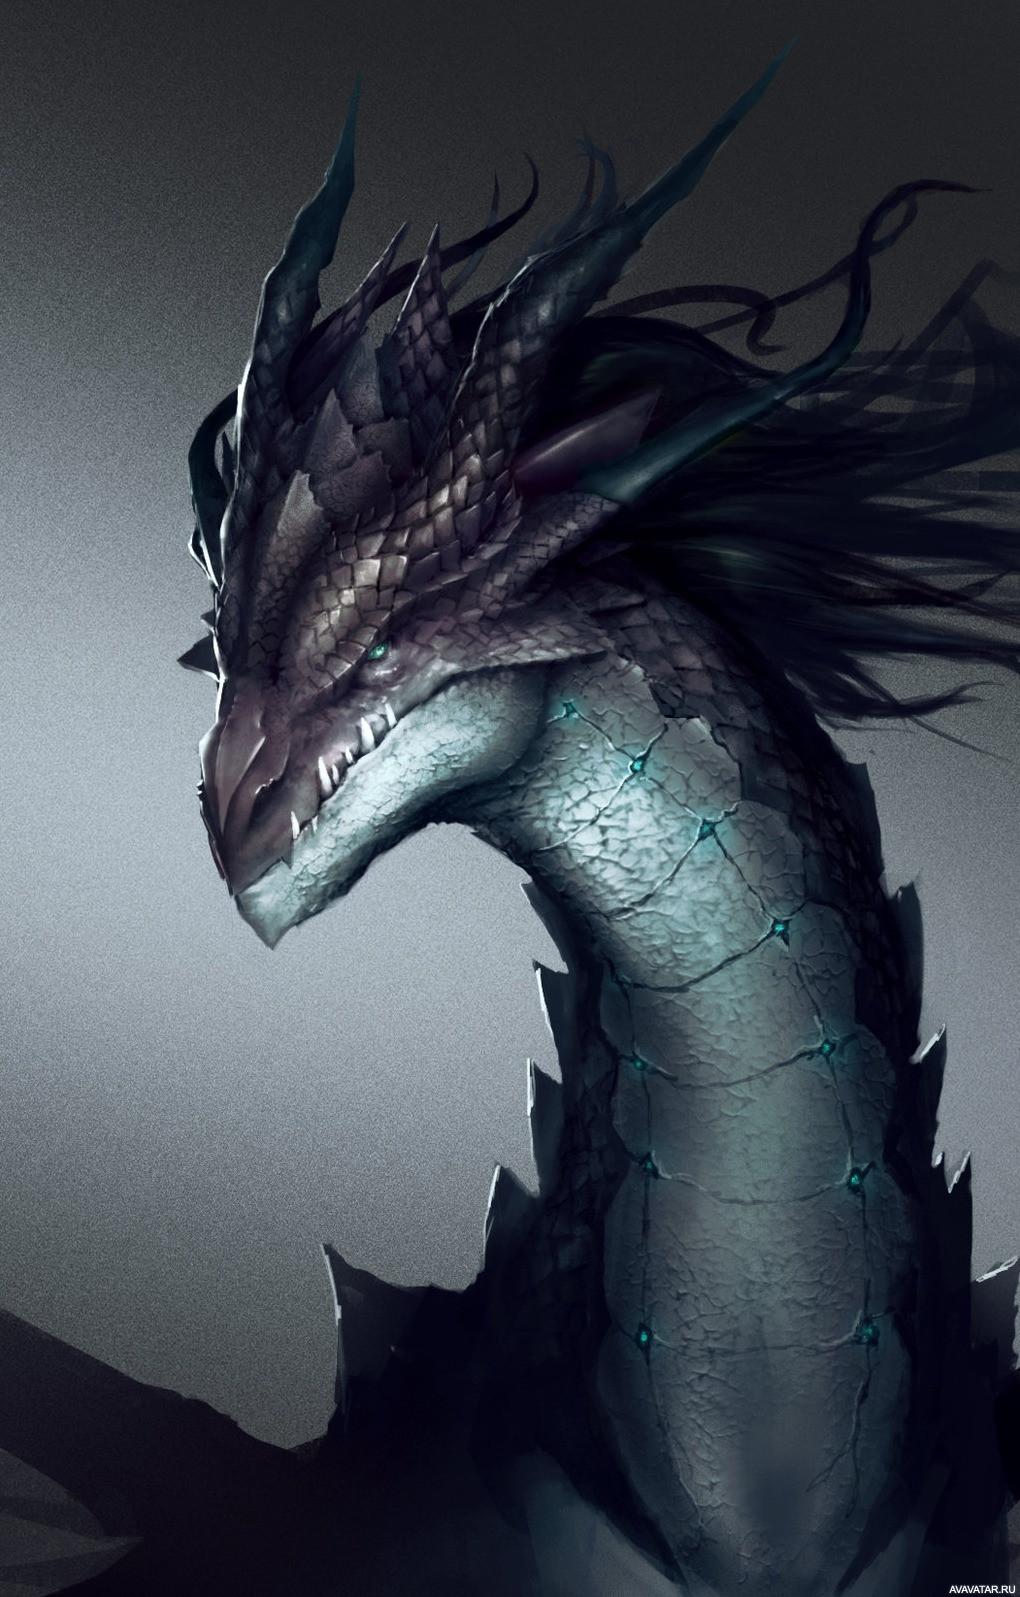 картинки как живые на аву драконы слову, столичный